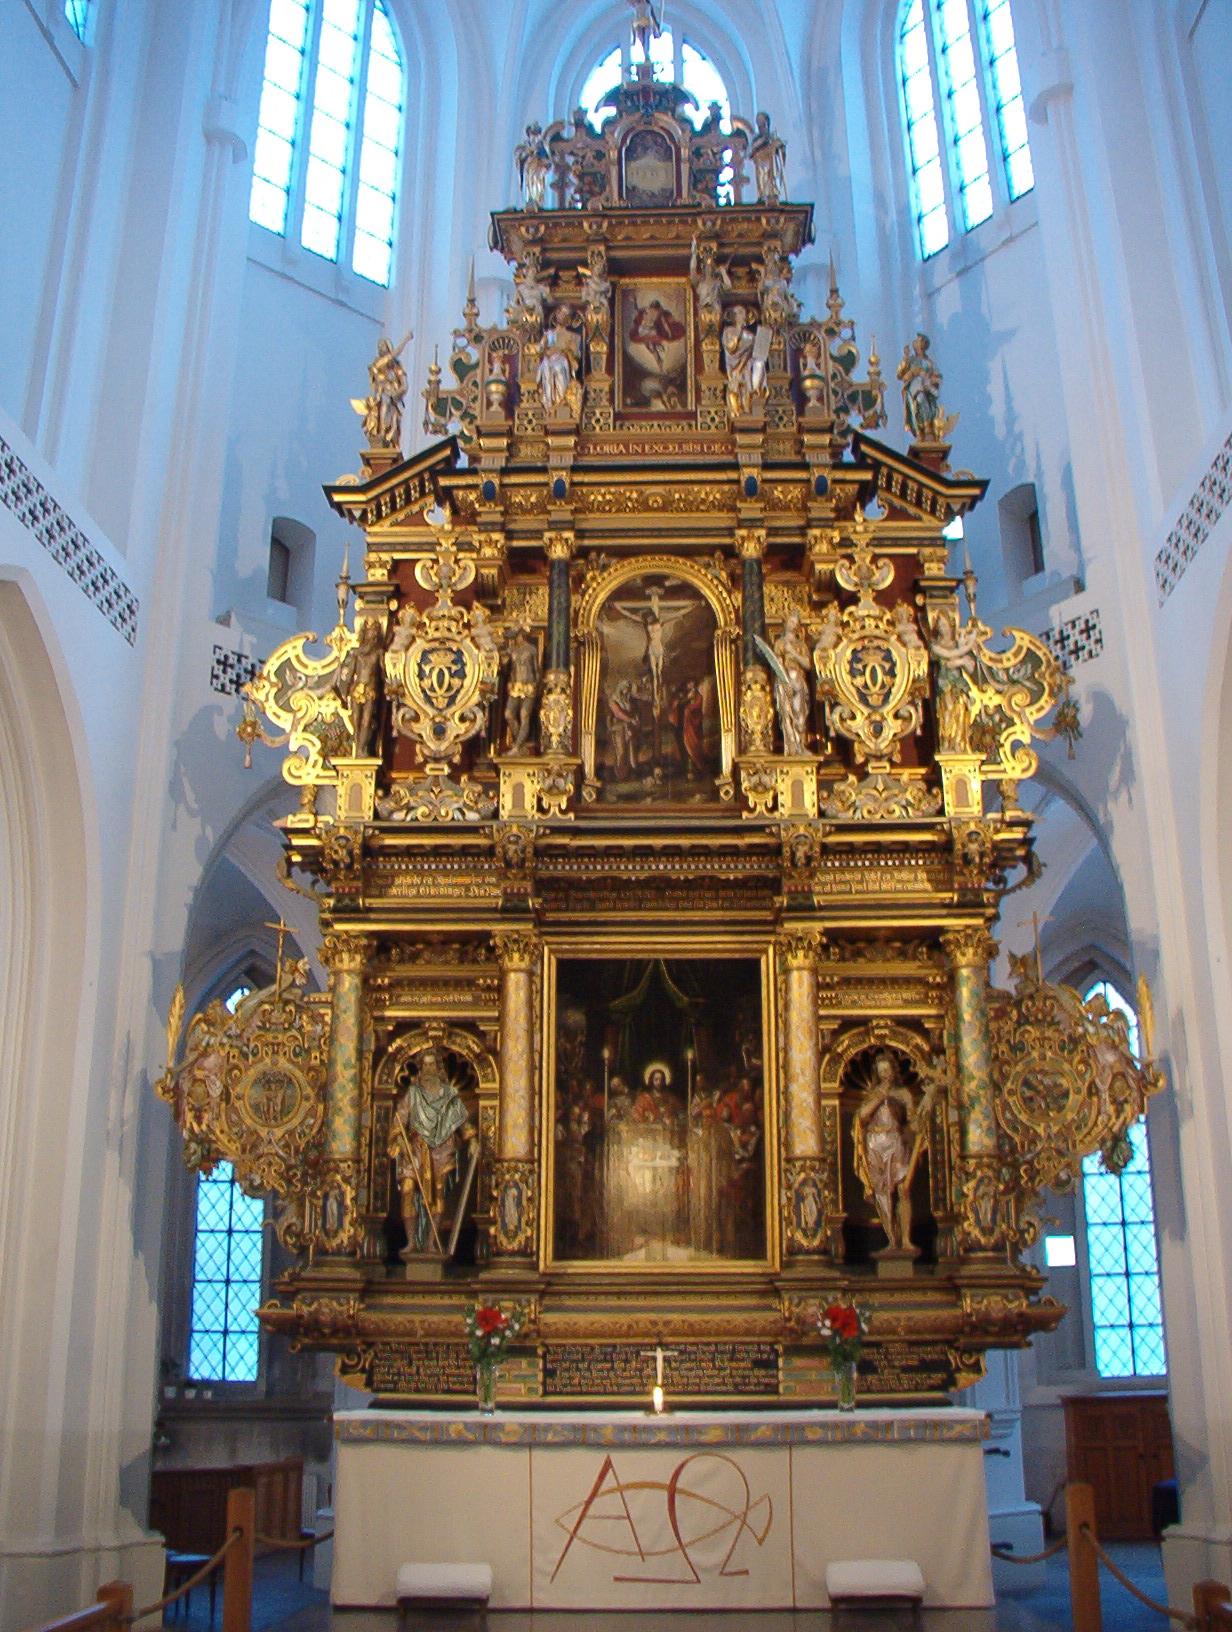 Fil:Sankt Petri kyrka, Malm, interior from entrance - Wikipedia